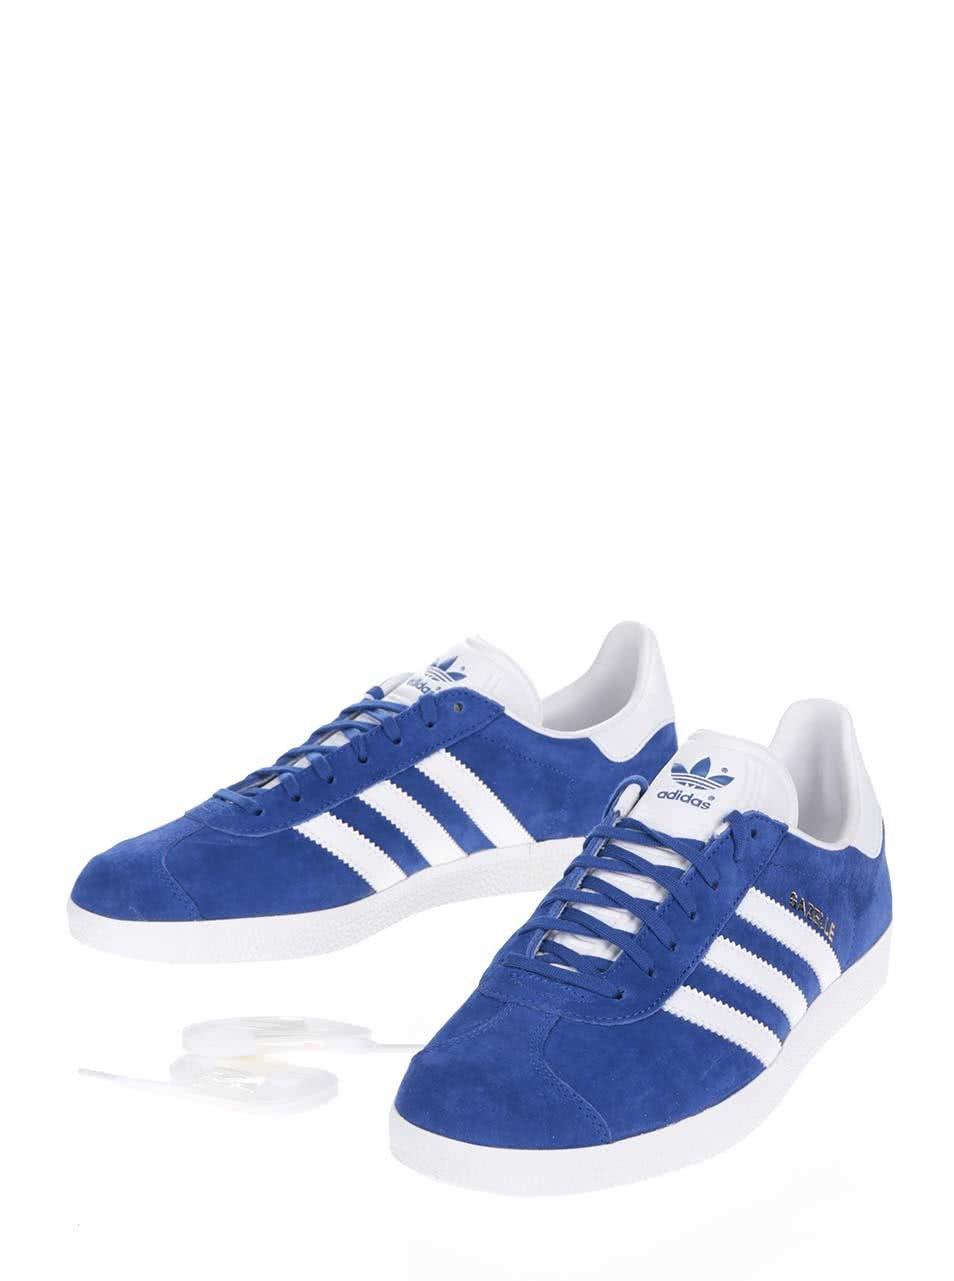 94e90c23b3c Modré semišové tenisky adidas Originals Gazelle ...